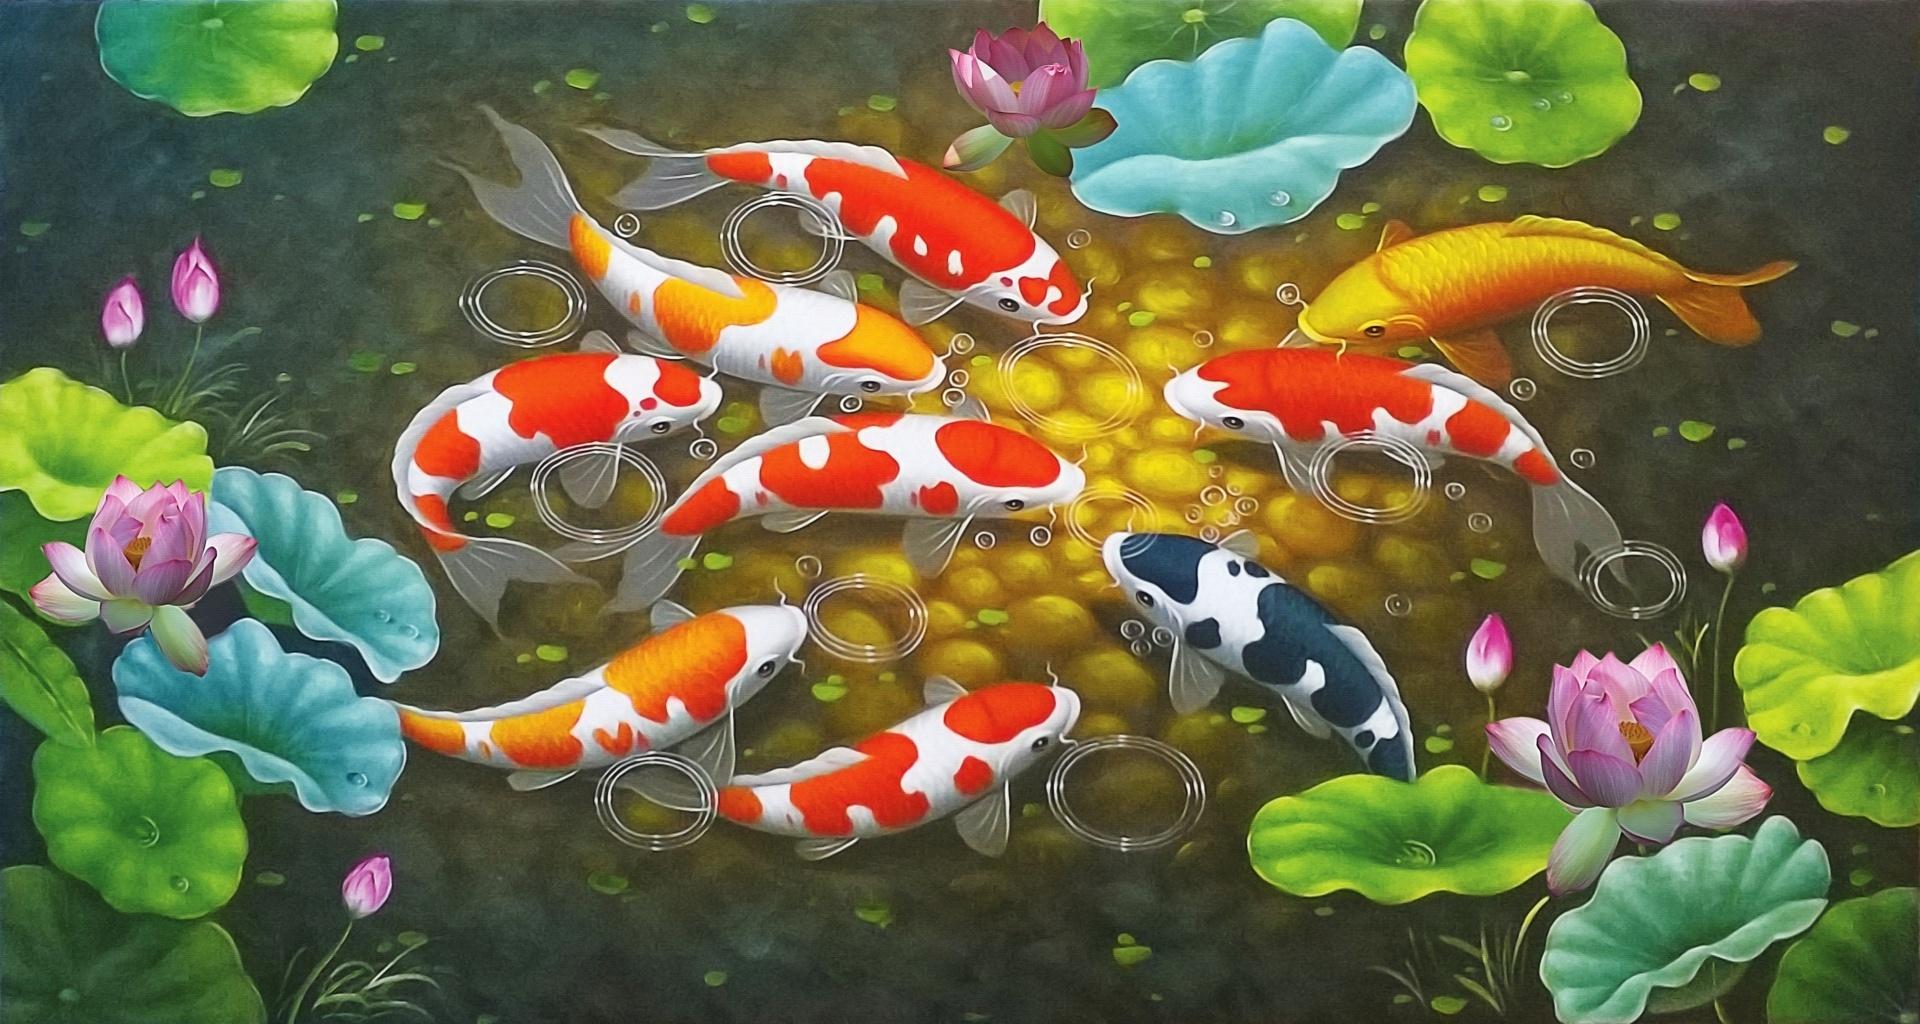 Hình nền cá chép 3D đẹp